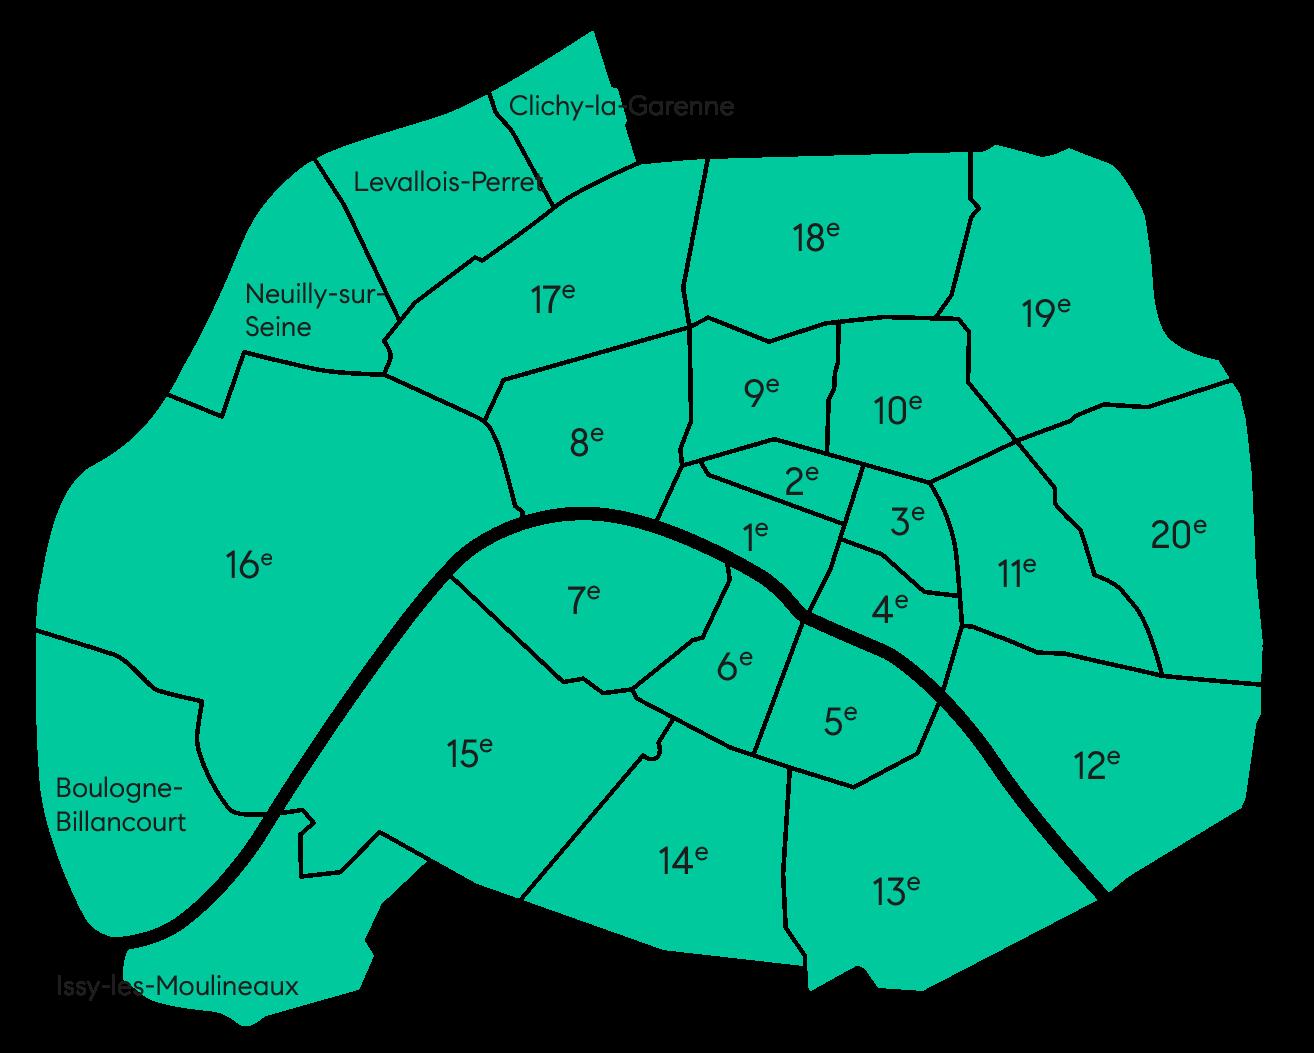 Carte zone desservie BCBG